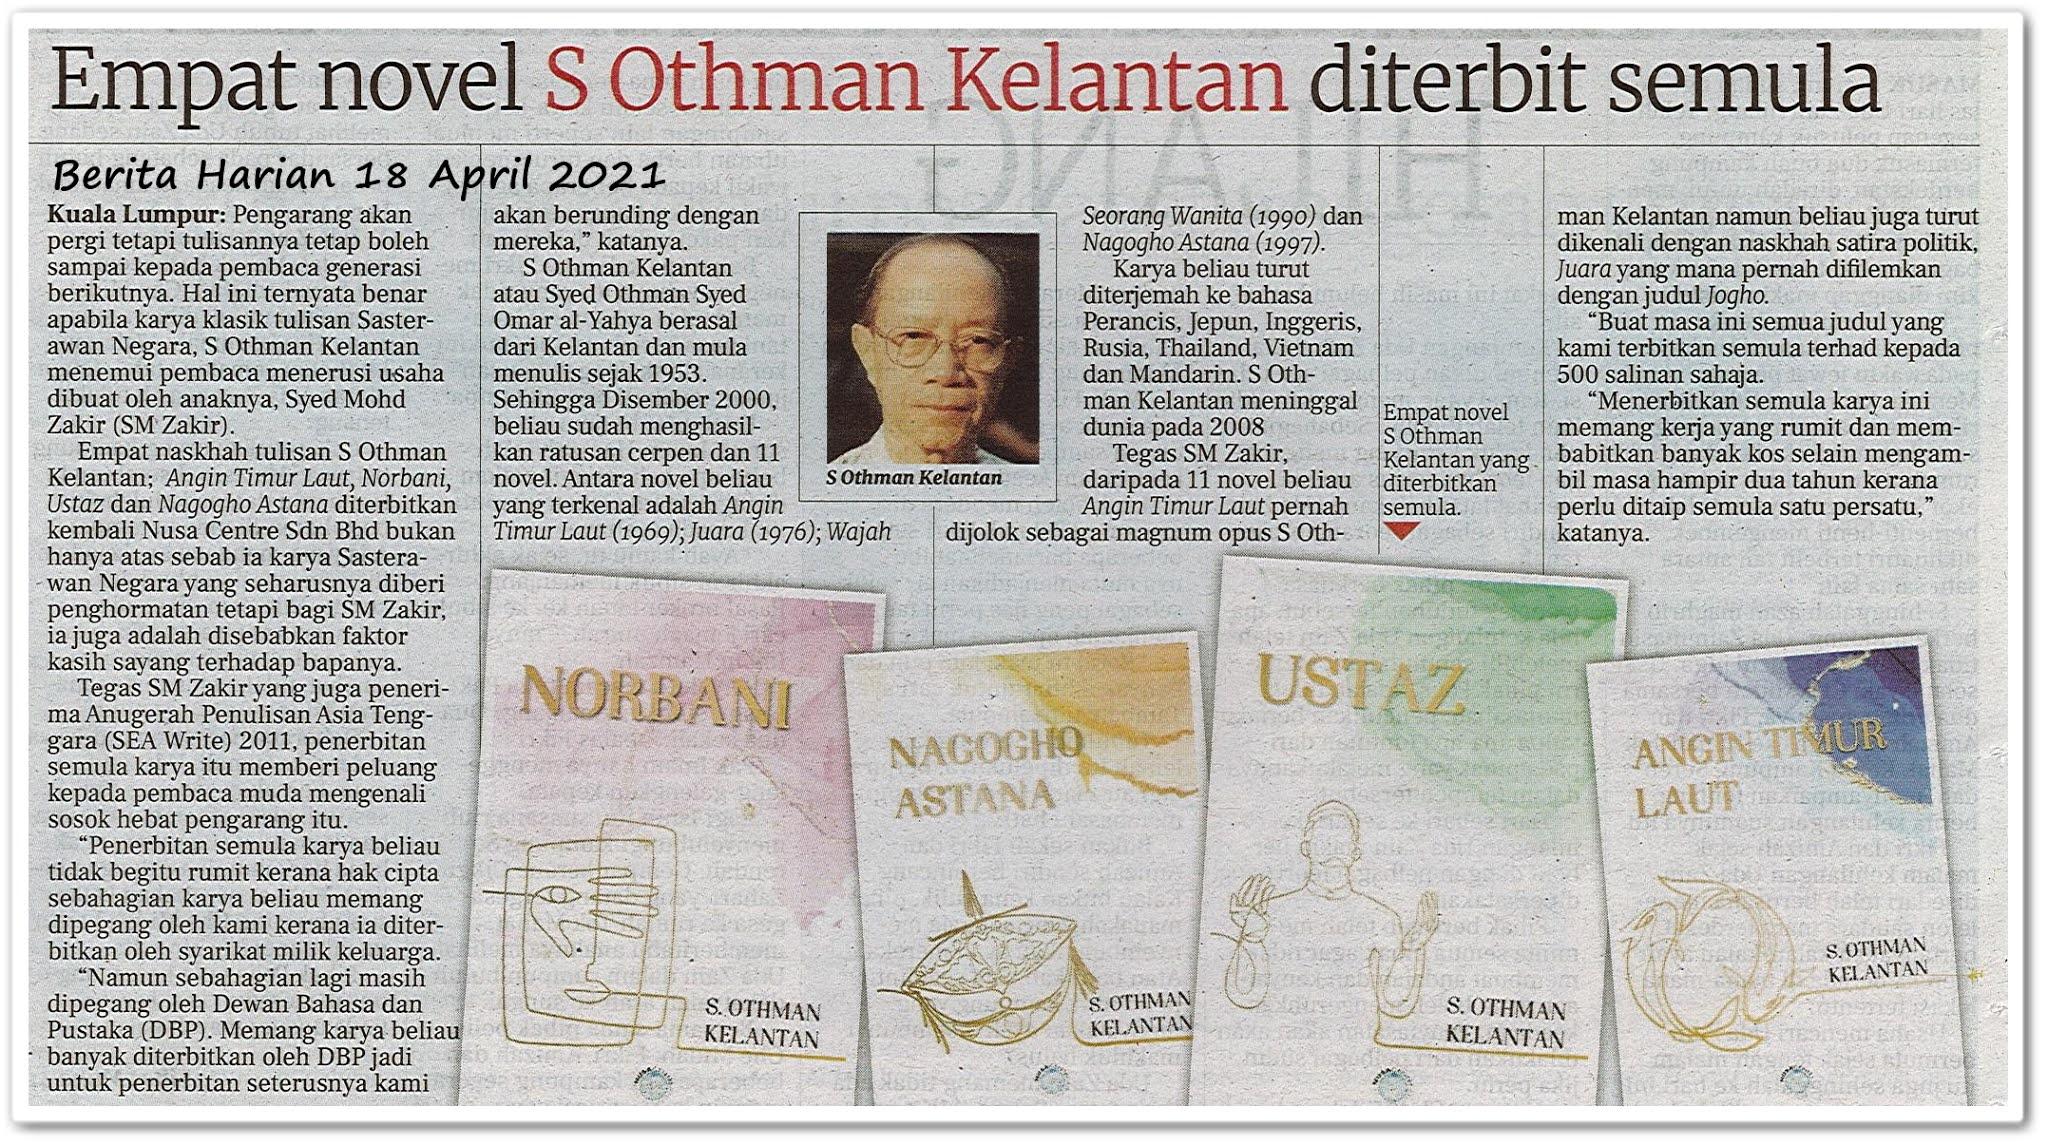 Empat novel S. Othman Kelantan diterbit semula - Keratan akhbar Berita Harian 18 April 2021